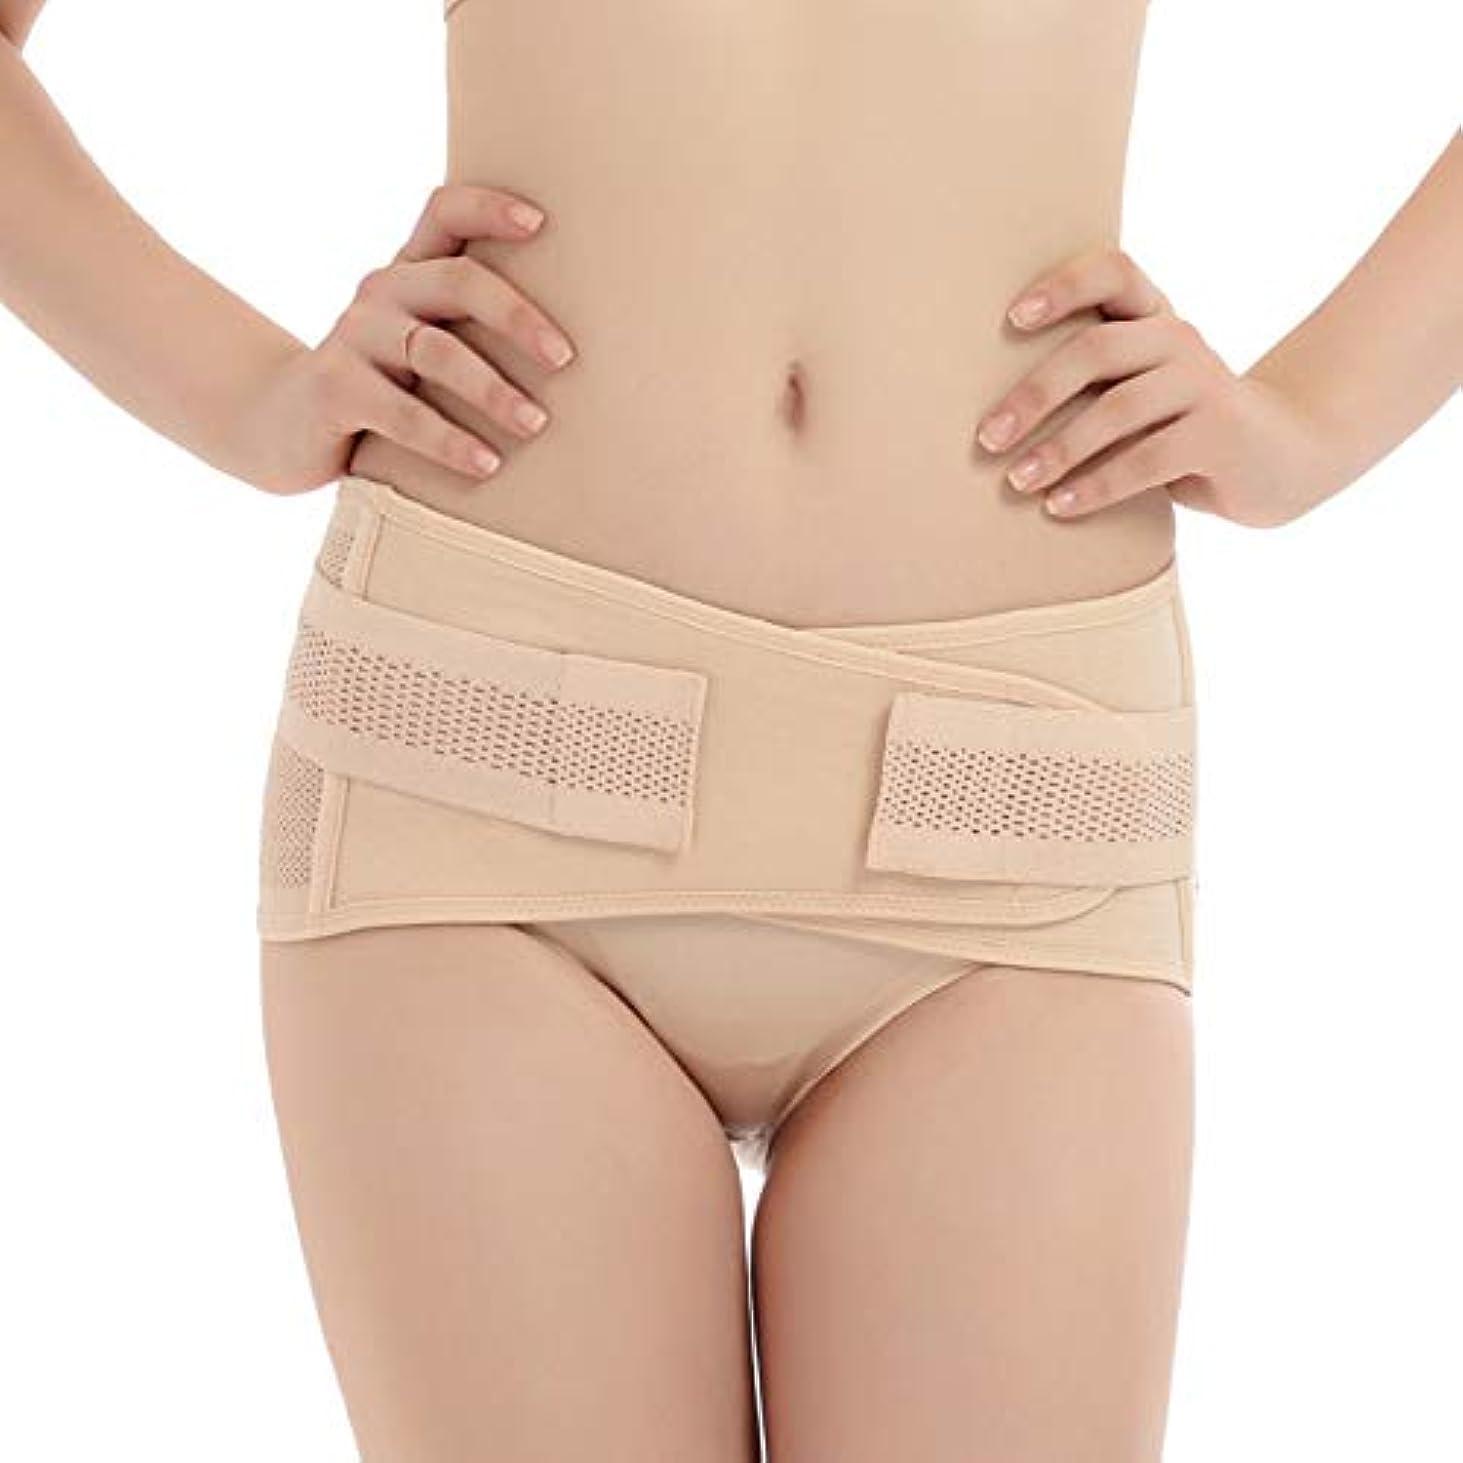 Profeel妊娠中の女性産後骨盤正しいベルト腹巻き取る骨盤骨盤整形外科用ベルト